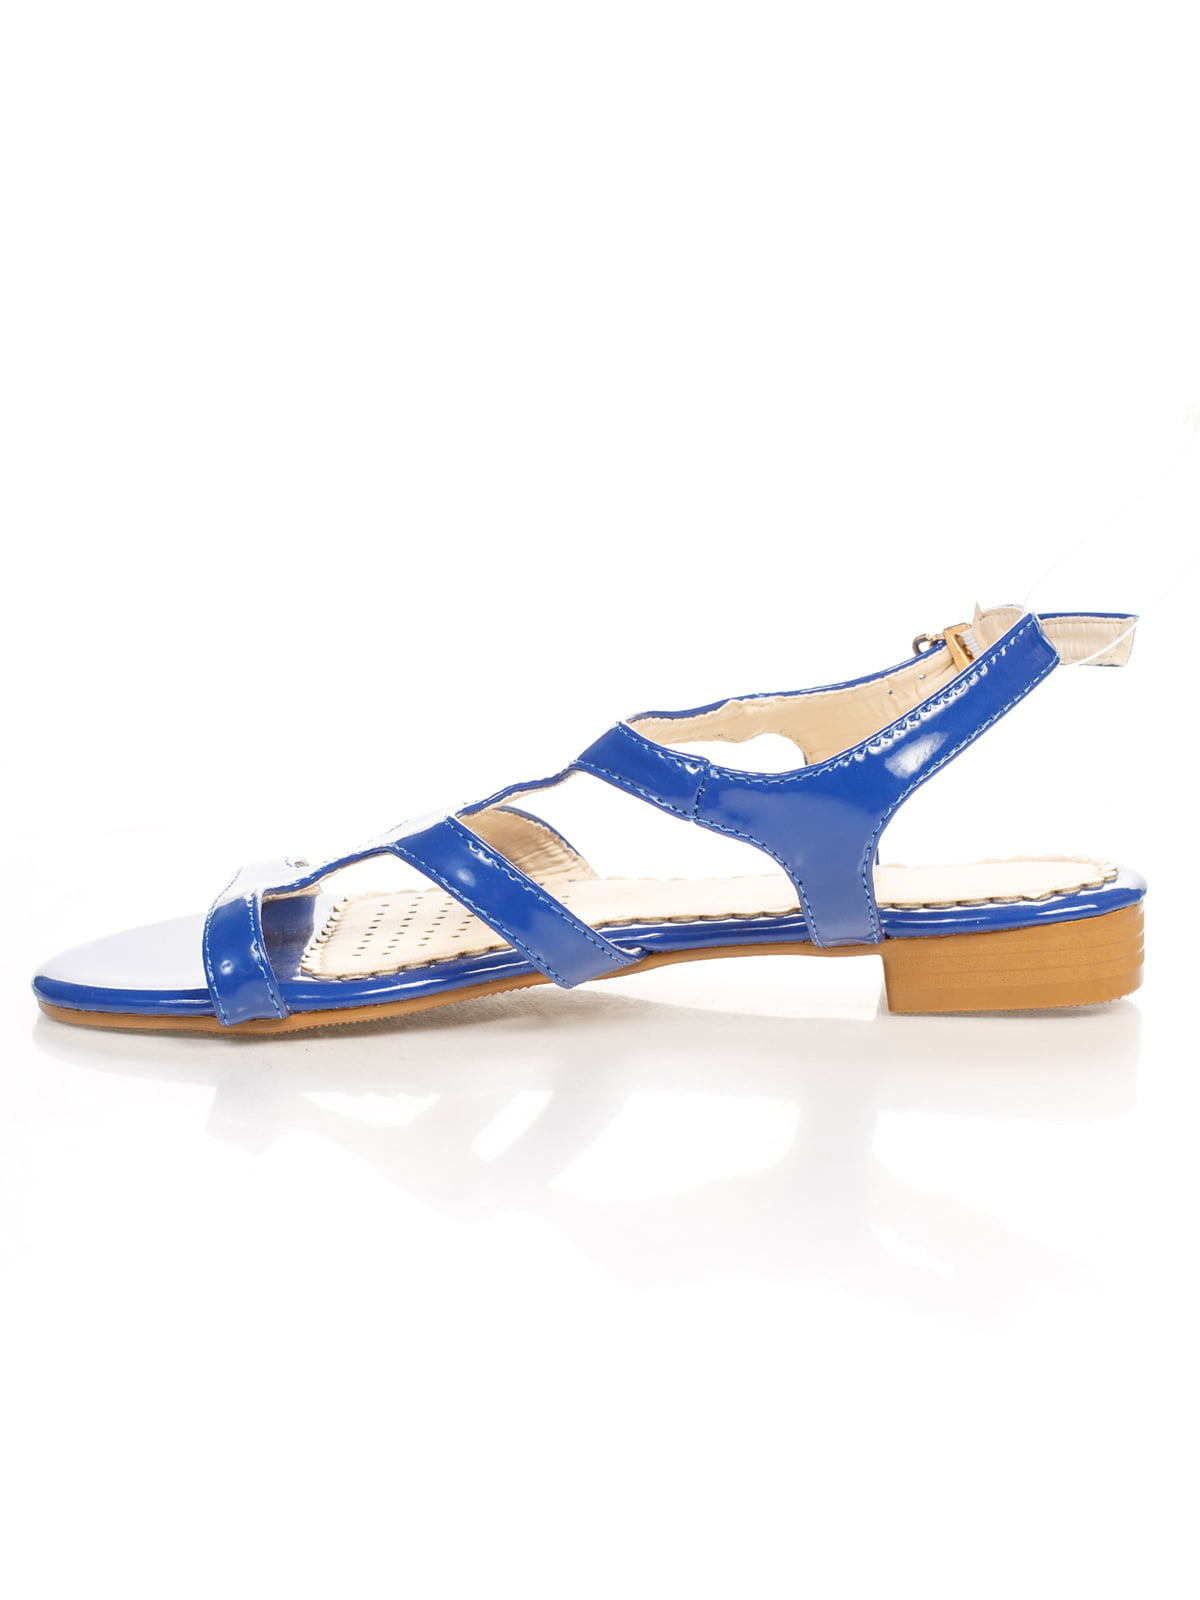 Сандалии синие | 4605211 | фото 2